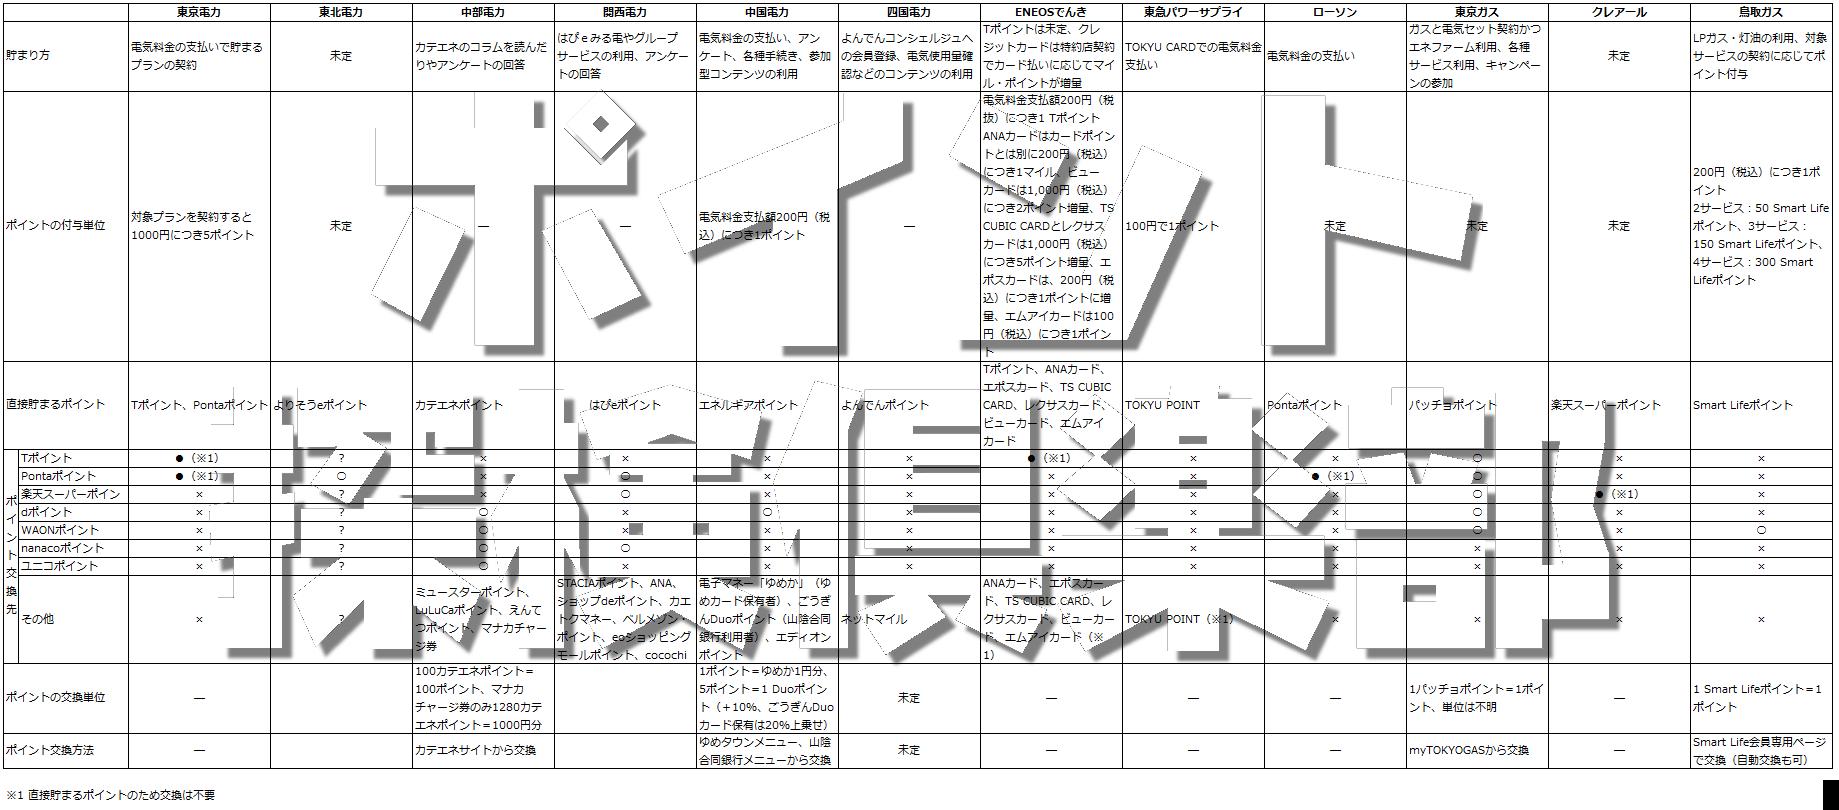 電力自由化のポイントプログラム最新情報 東京電力は0.5%のTポイントまたはPontaポイント付与